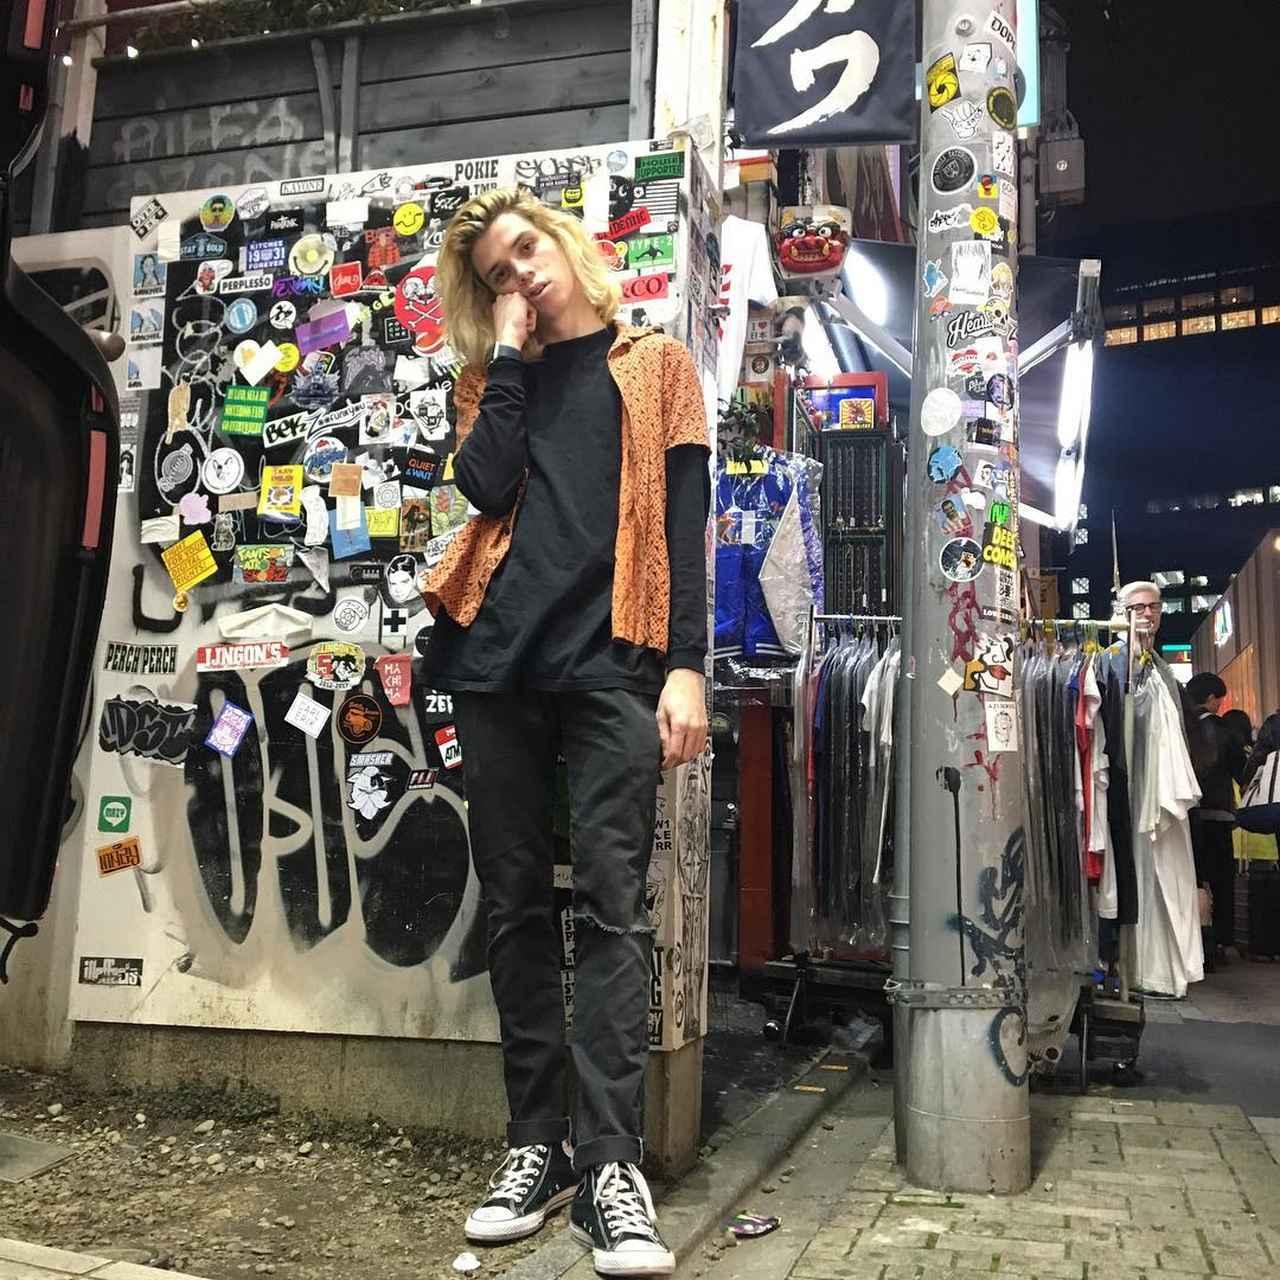 画像1: Austin PorterさんはInstagramを利用しています:「when in Tokyo 」 www.instagram.com